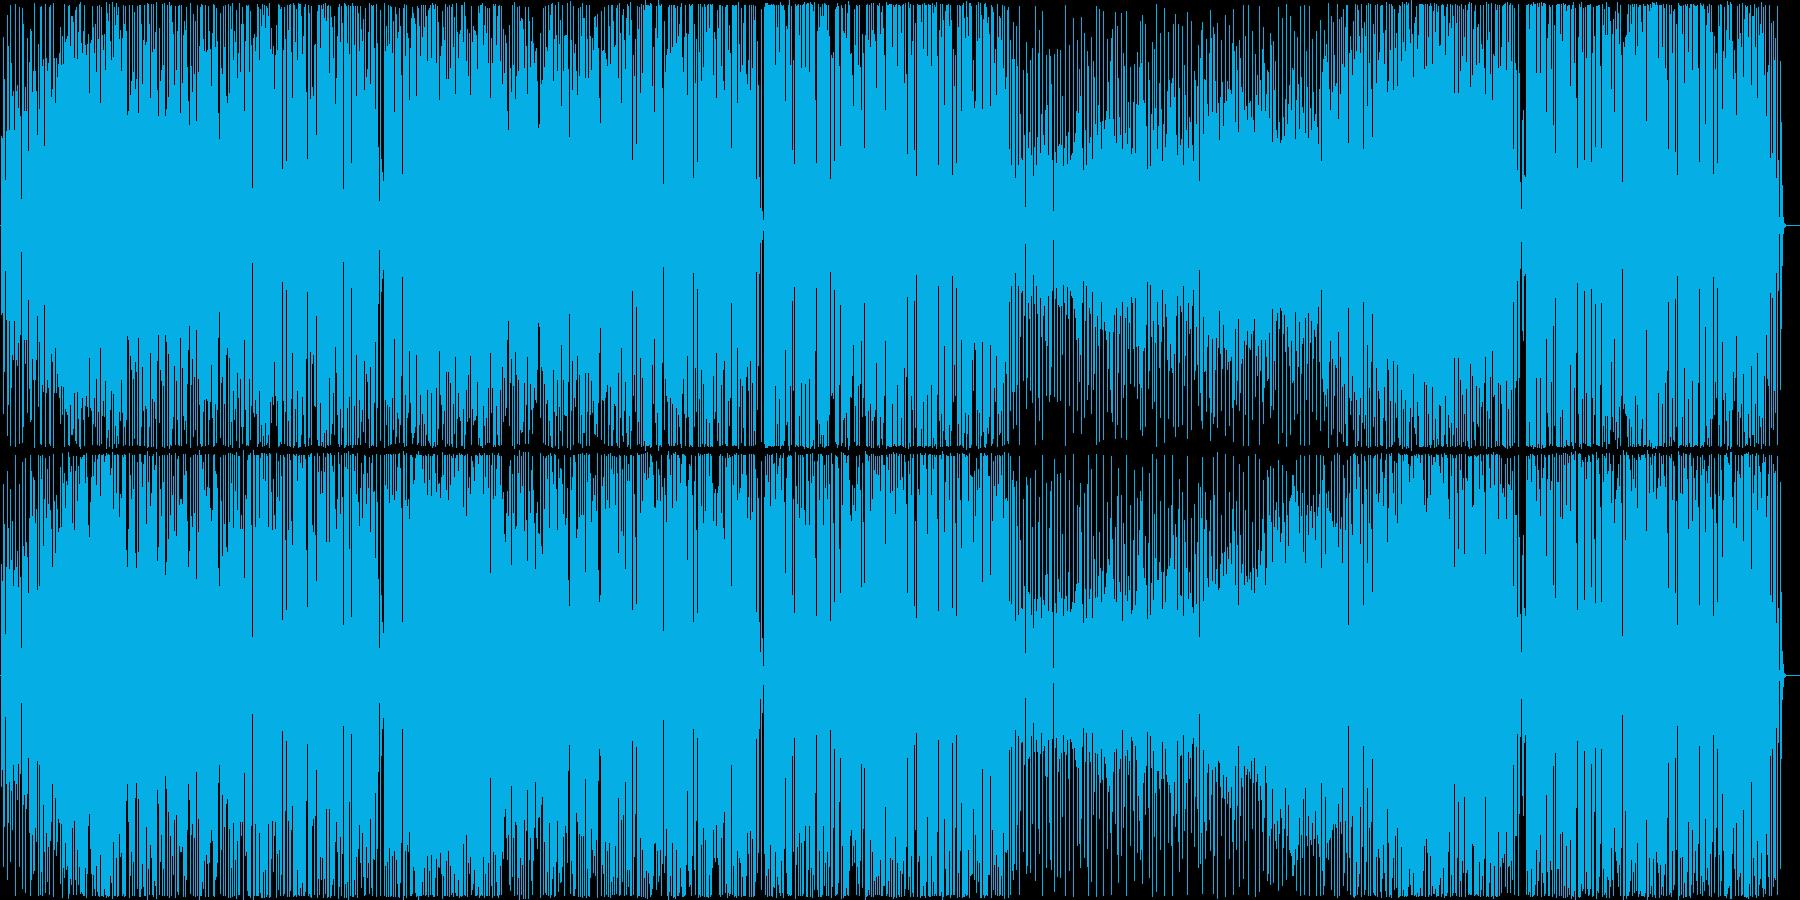 ファンキーなビッグバンド編成の曲の再生済みの波形